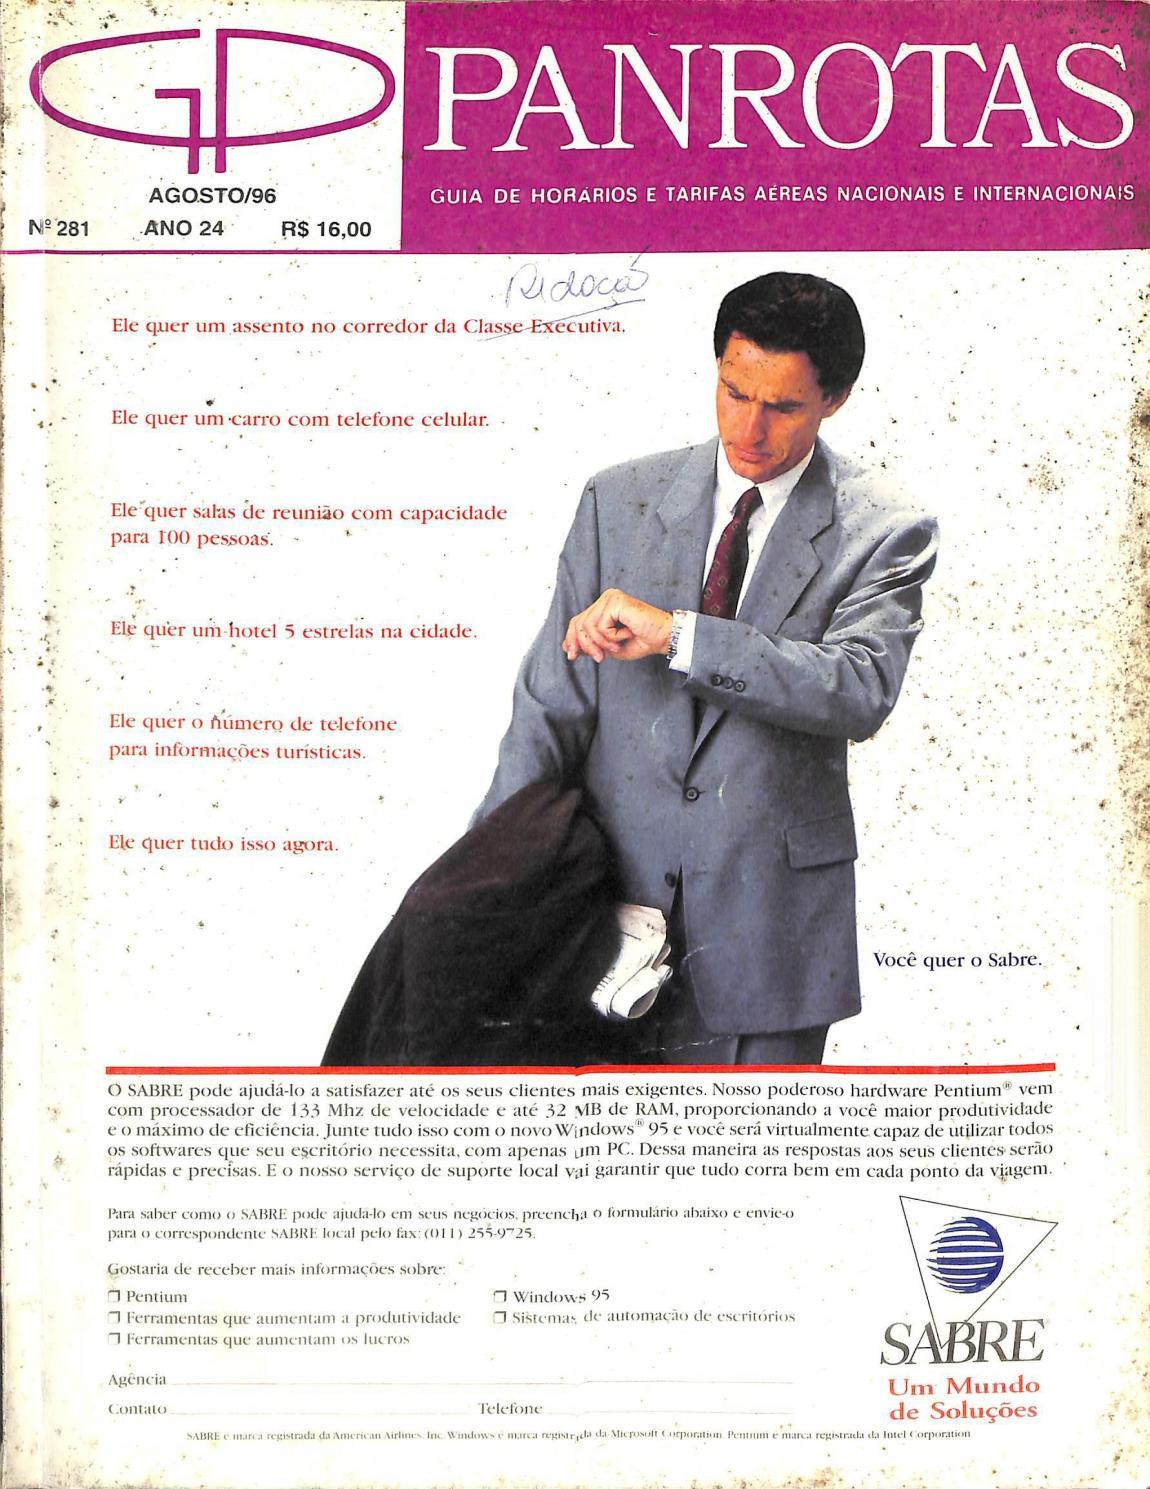 bce04f3a292 Guia PANROTAS - Edição 281 - Agosto 1996 by PANROTAS Editora - Issuu